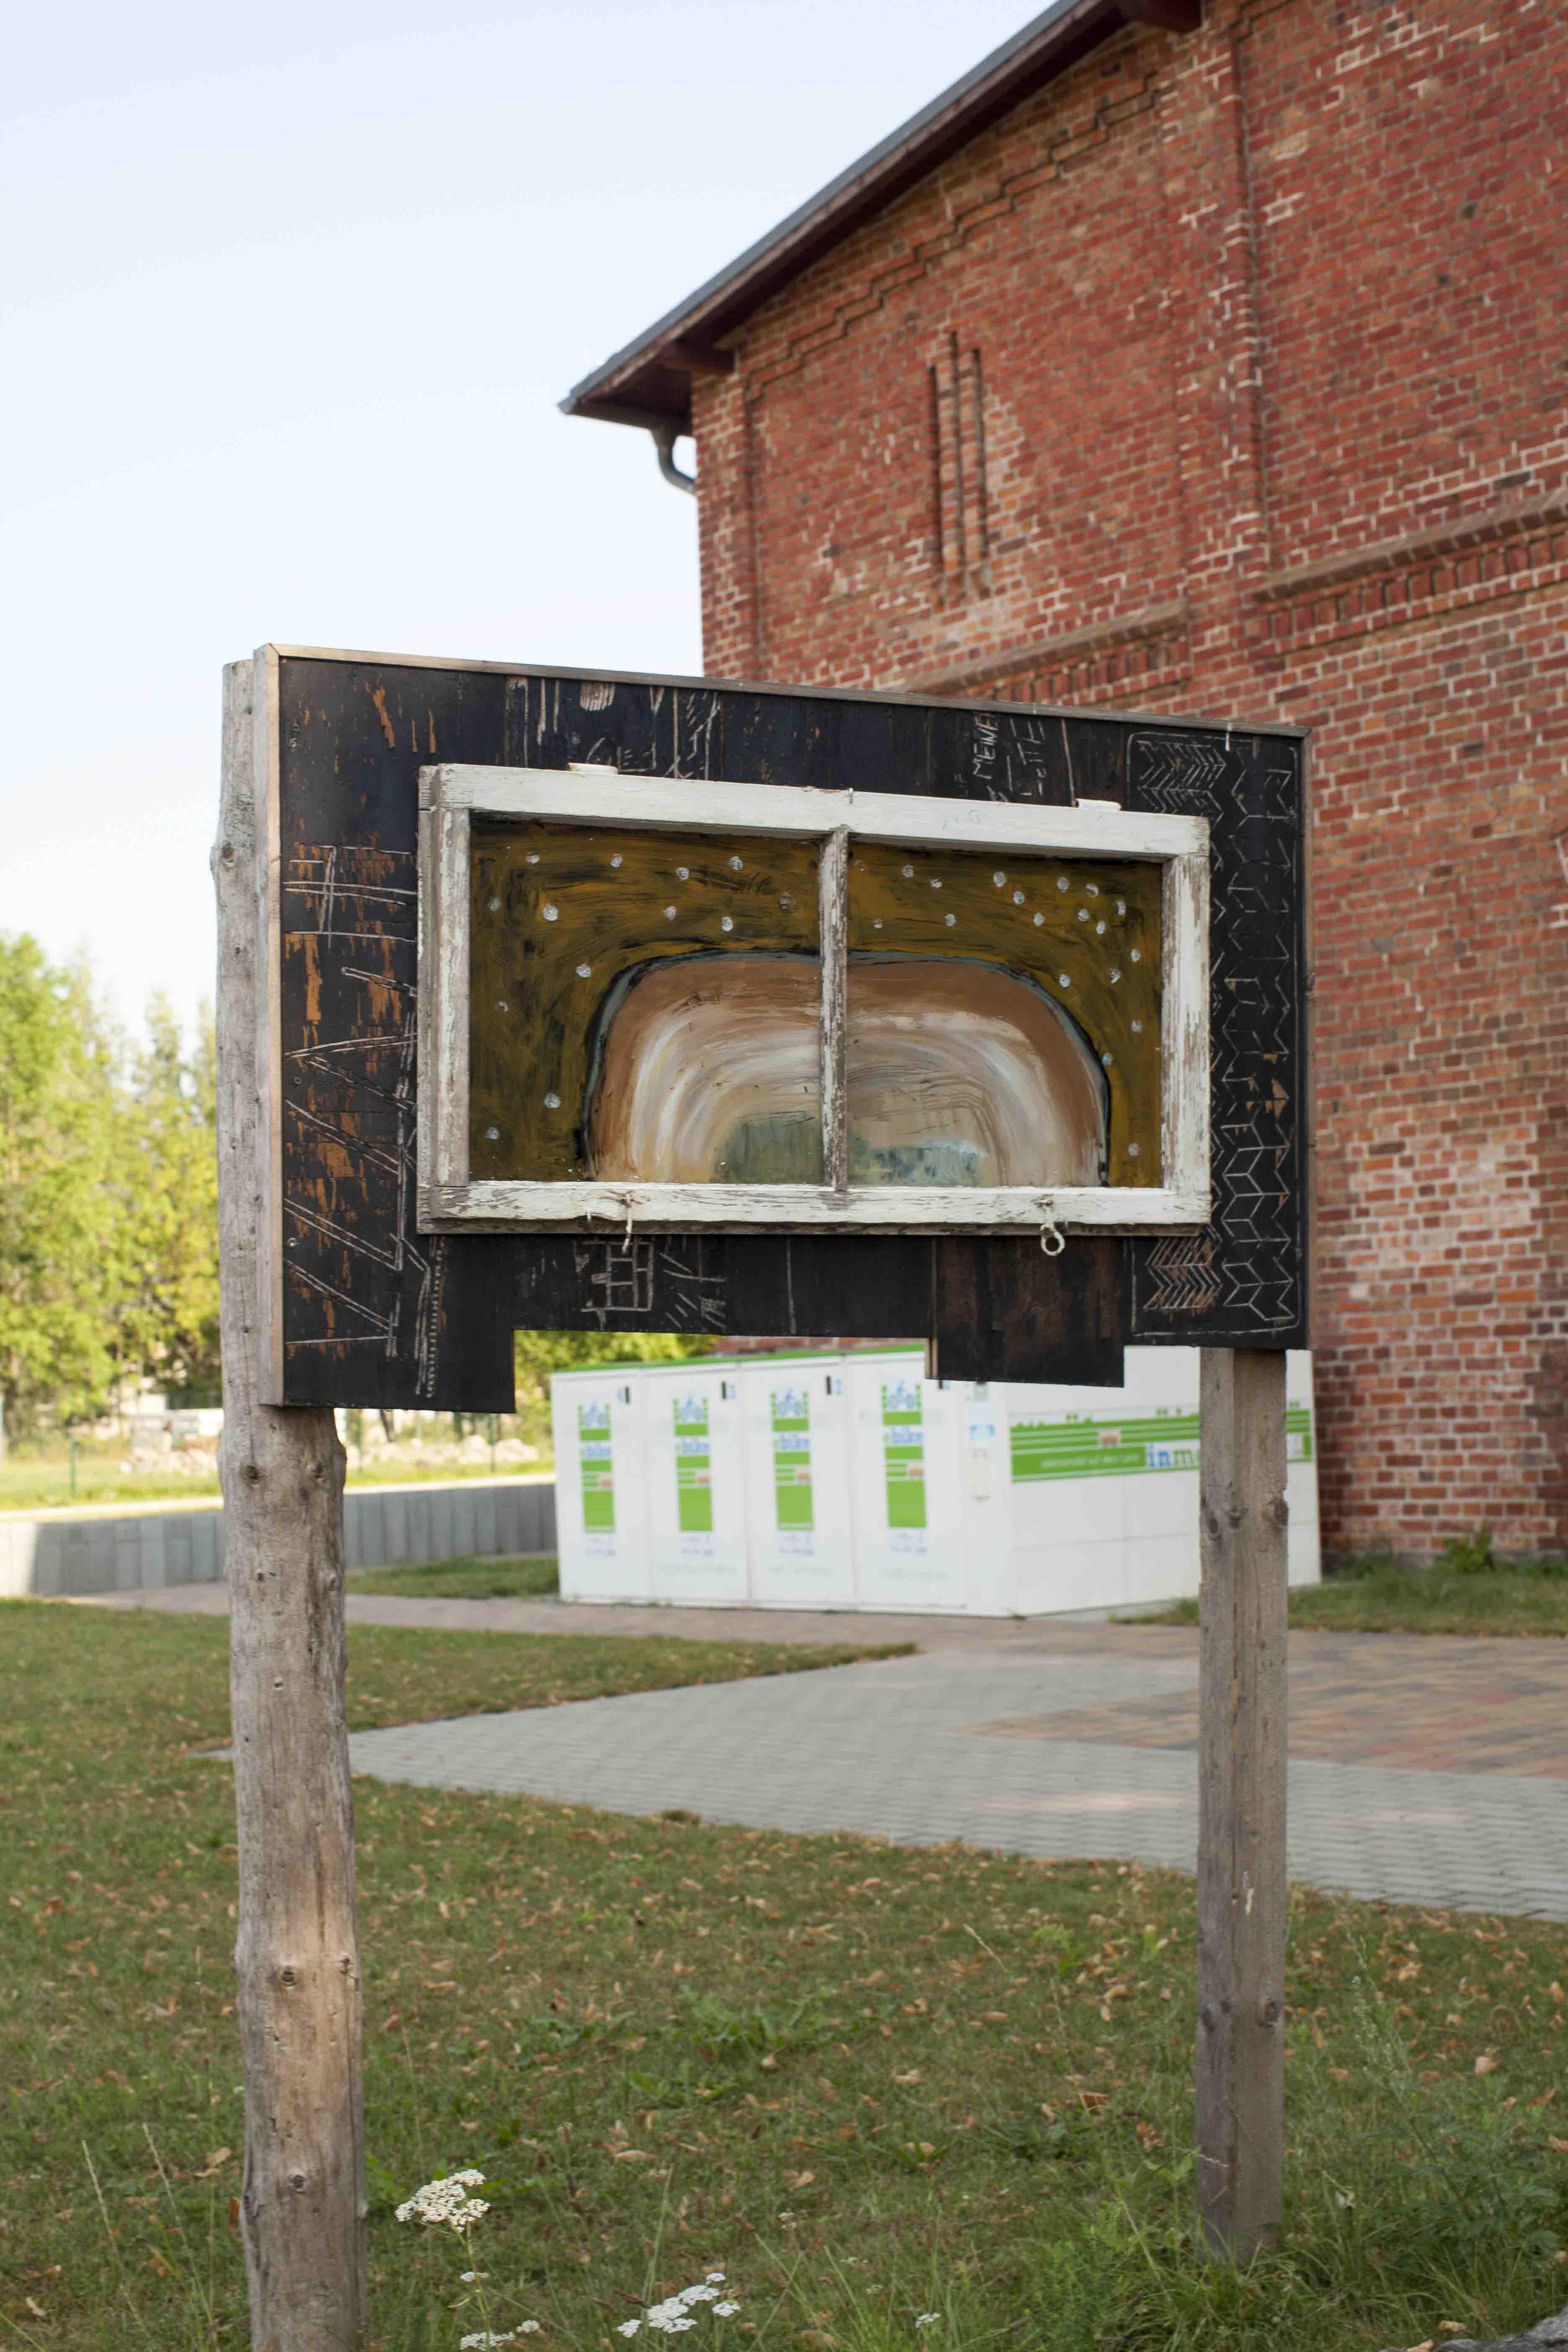 hügel nachts_2015_40x90cm_acryl hinter glas_installationsansicht